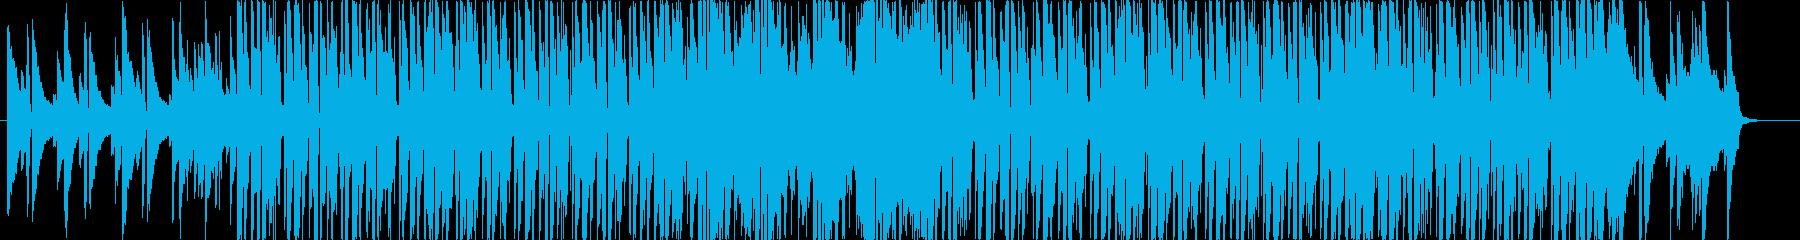 クラブ+ジャズピアノのお洒落な曲の再生済みの波形